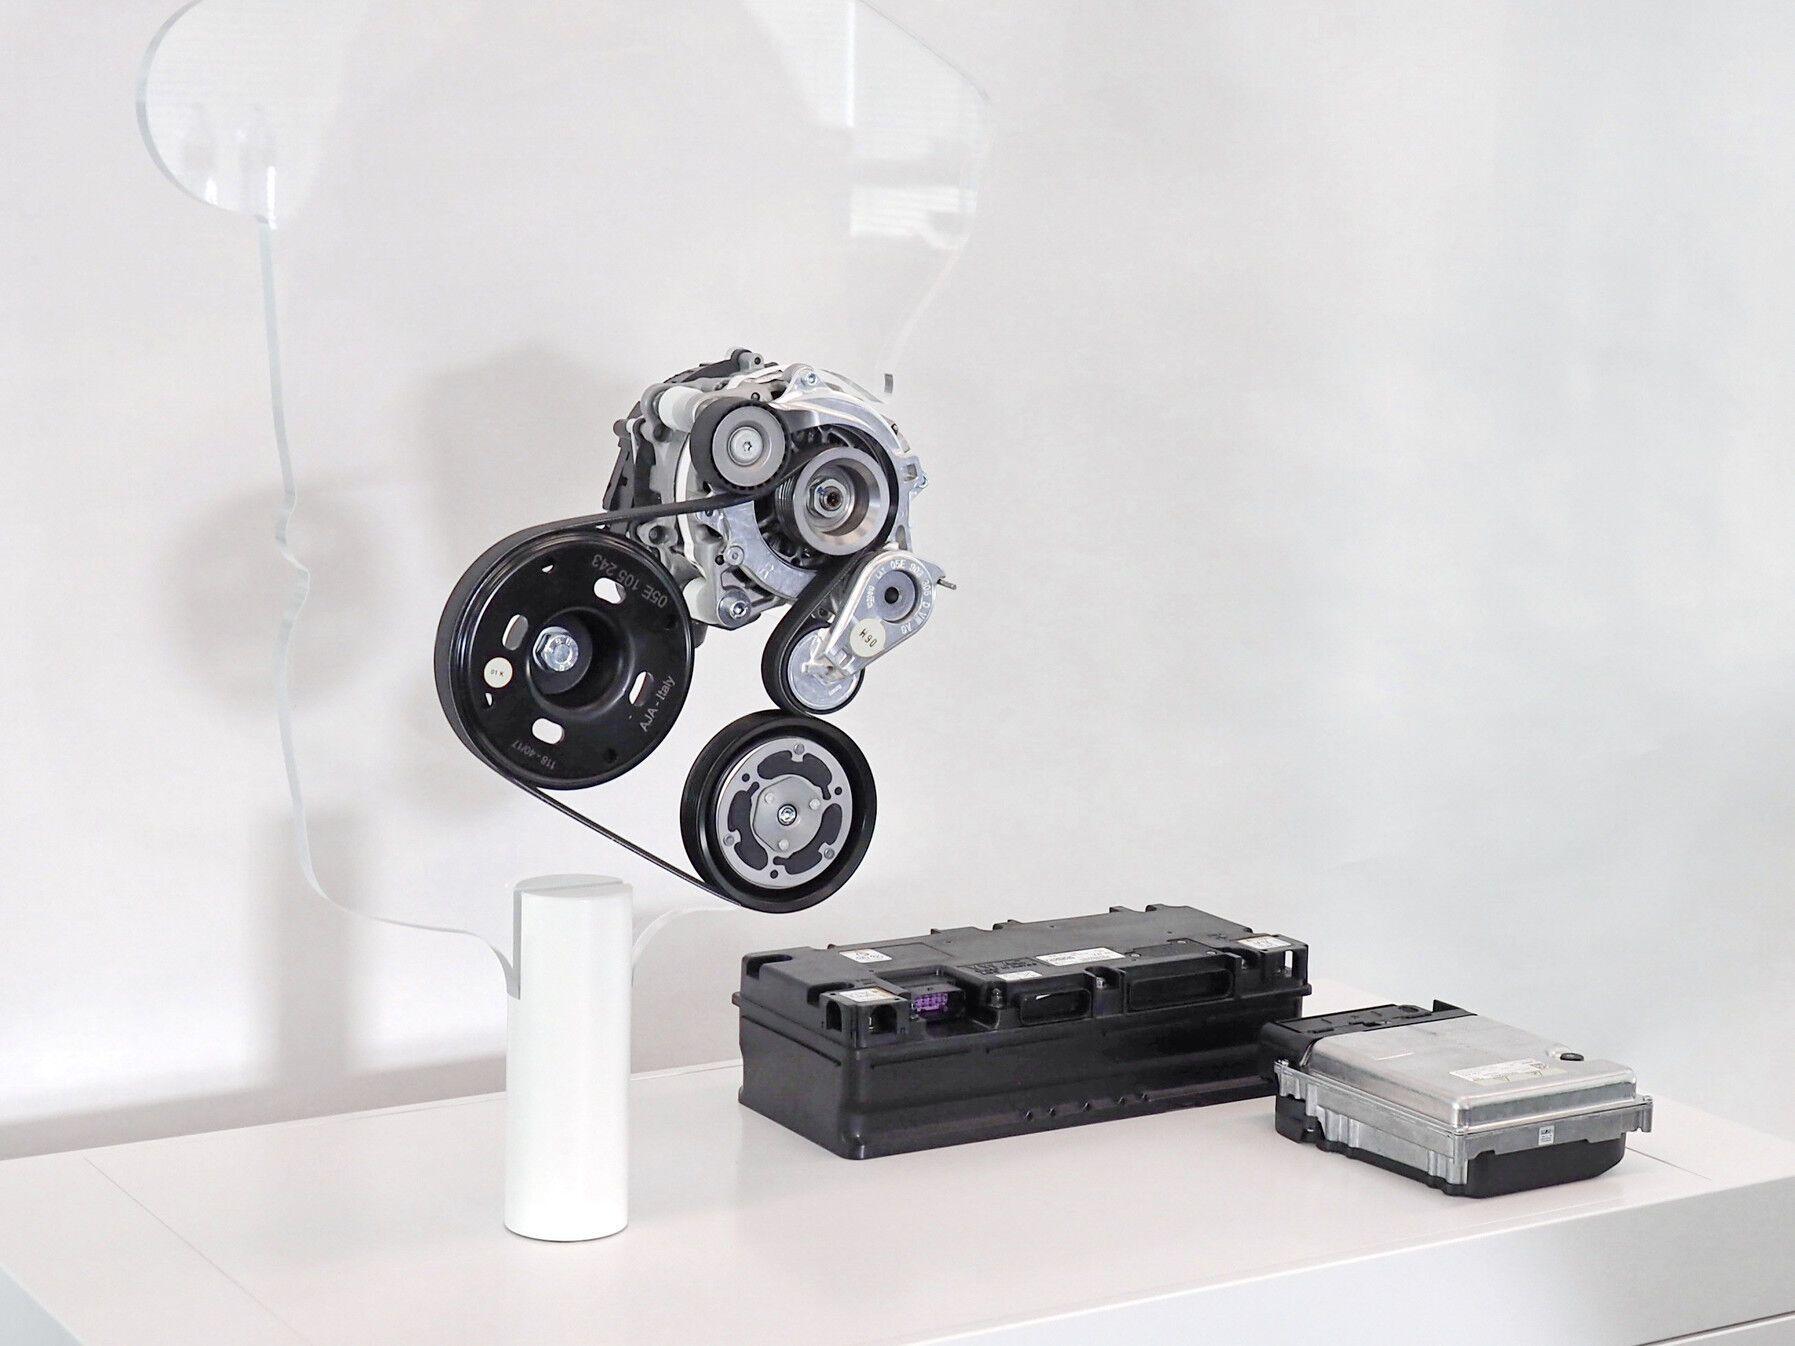 Компоненты гибридной системы mild hybrid для использование с мотором TSI: стартер-генератор на 48 В, литий-ионная батарея и преобразователь постоянного тока